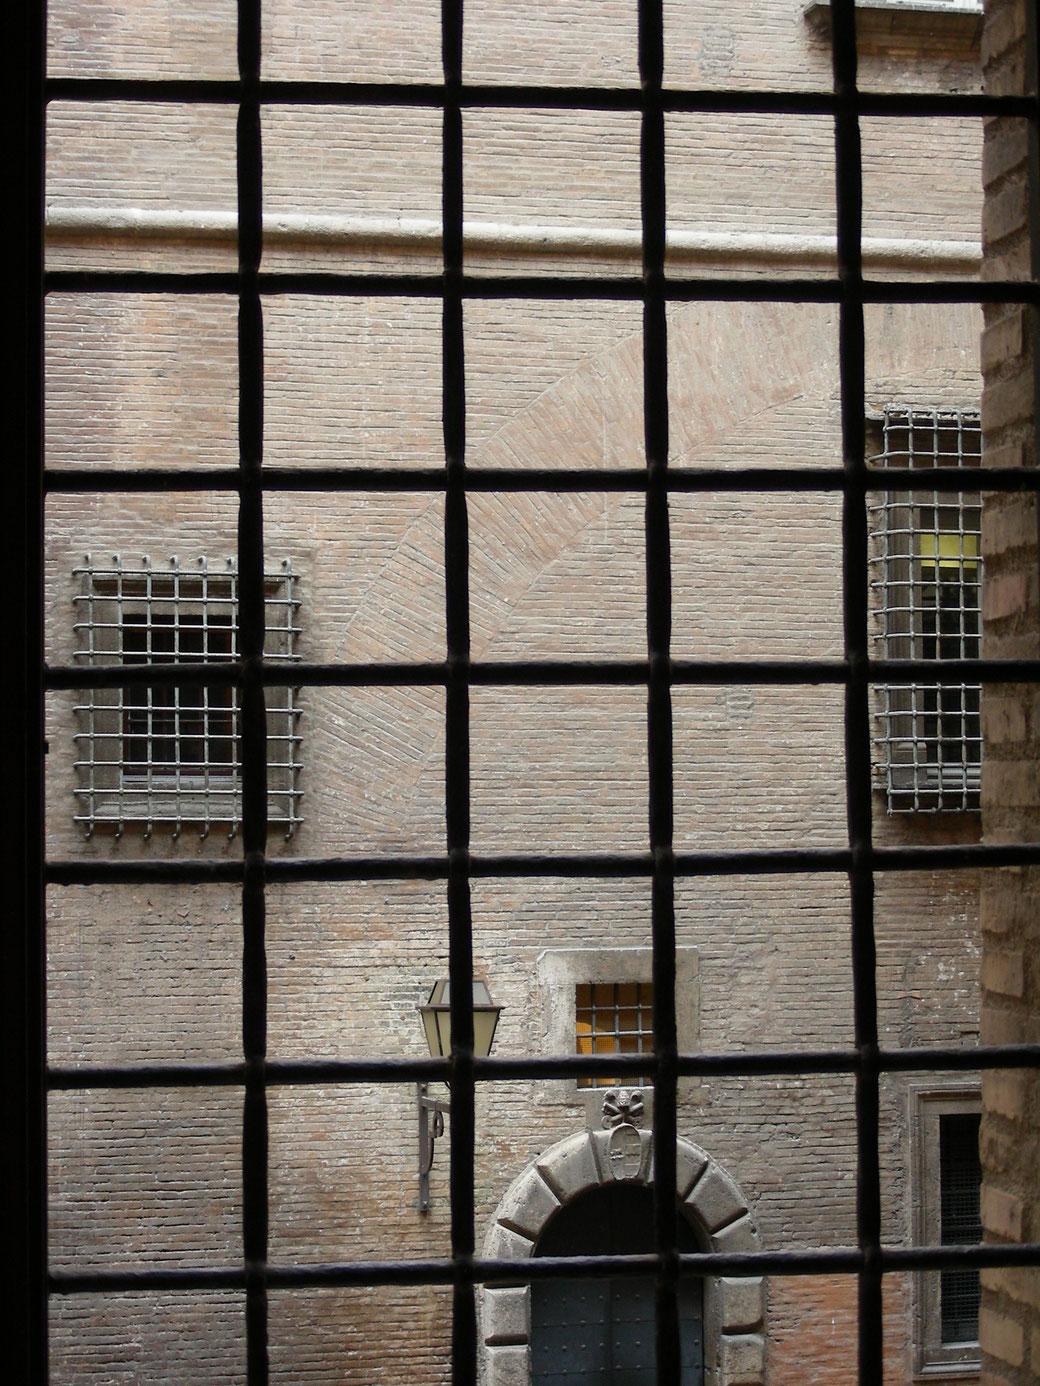 Blick aus den Vatikanischen Museen in den Innenhof